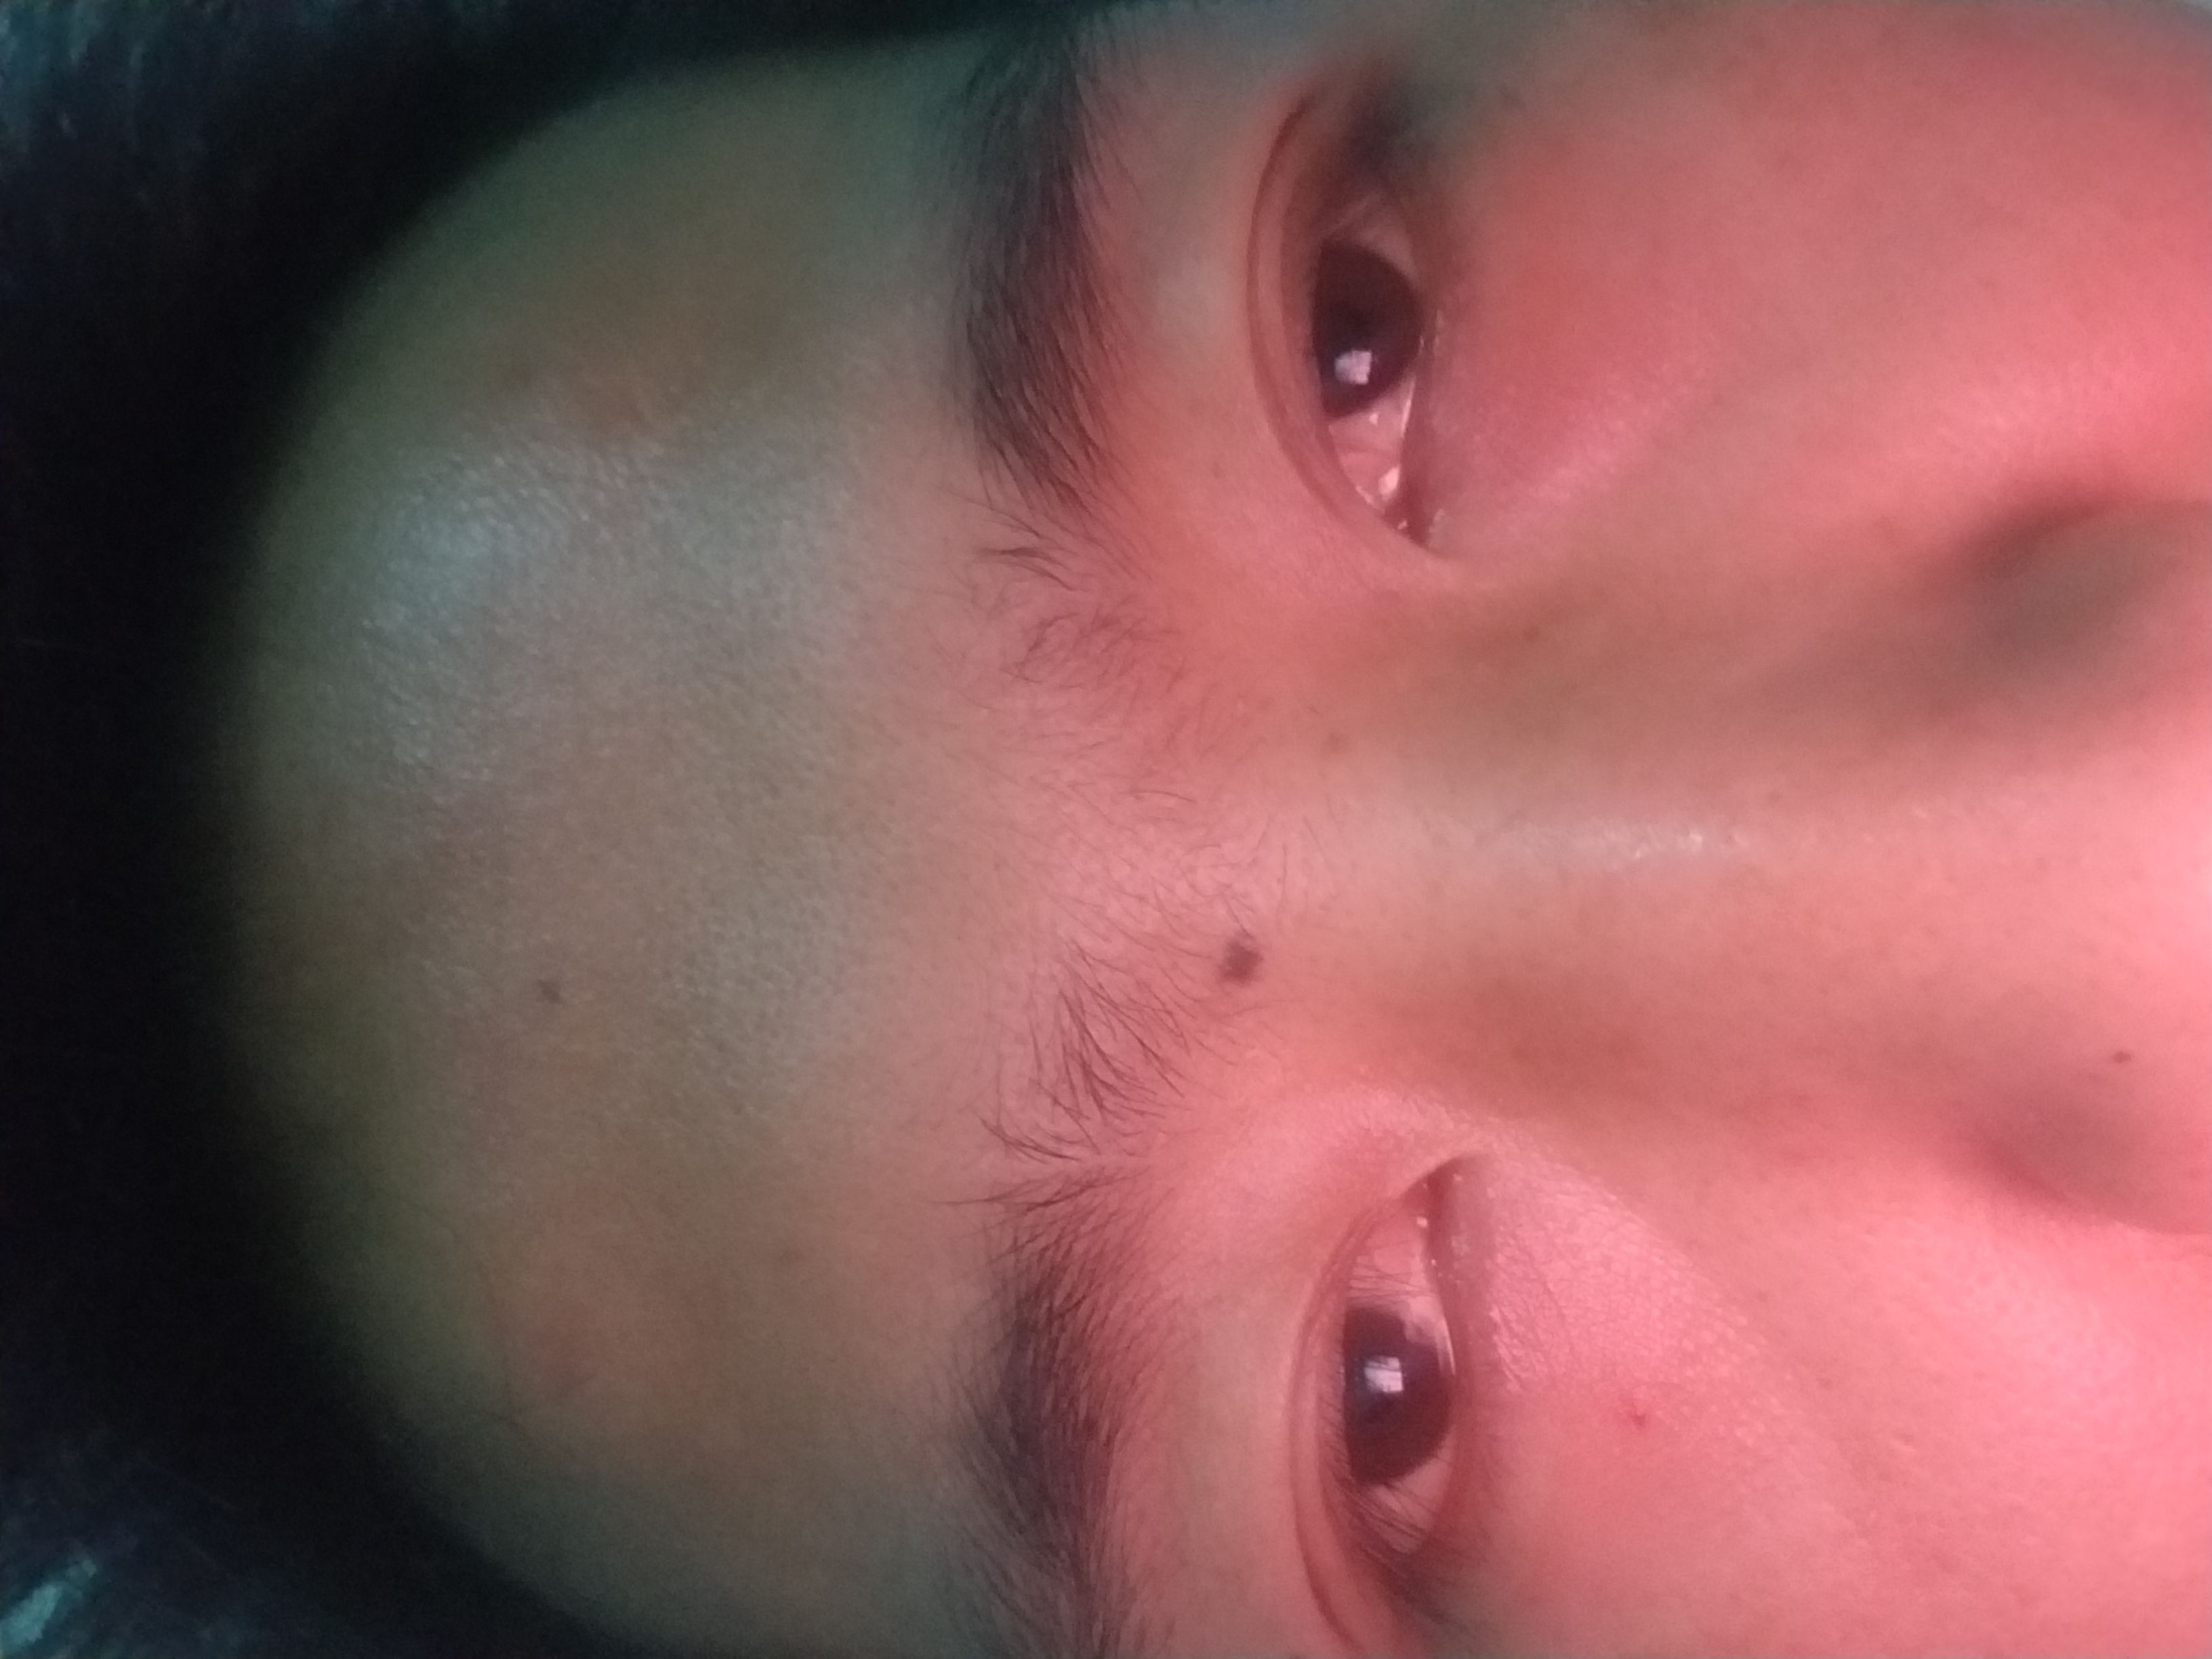 品色堂黄色小说_东方伊甸园免费观看,色情小说之狠狠色,2017年以来有什么推荐的av ...